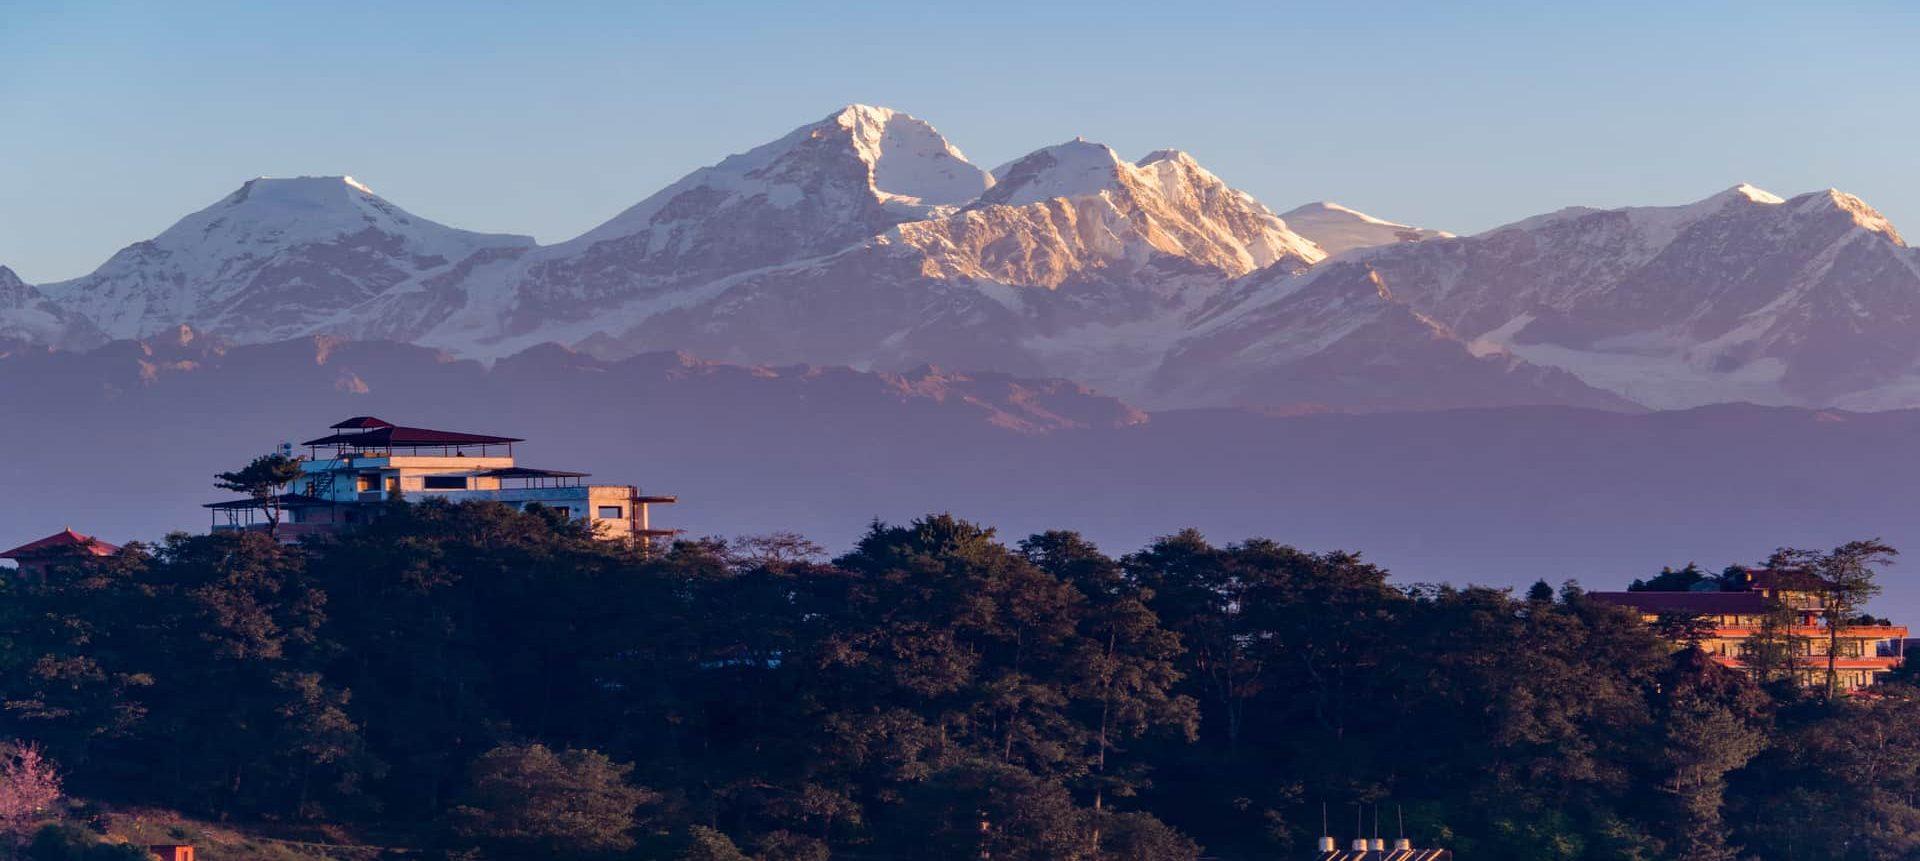 Kathmandu to Nagarkot Bus